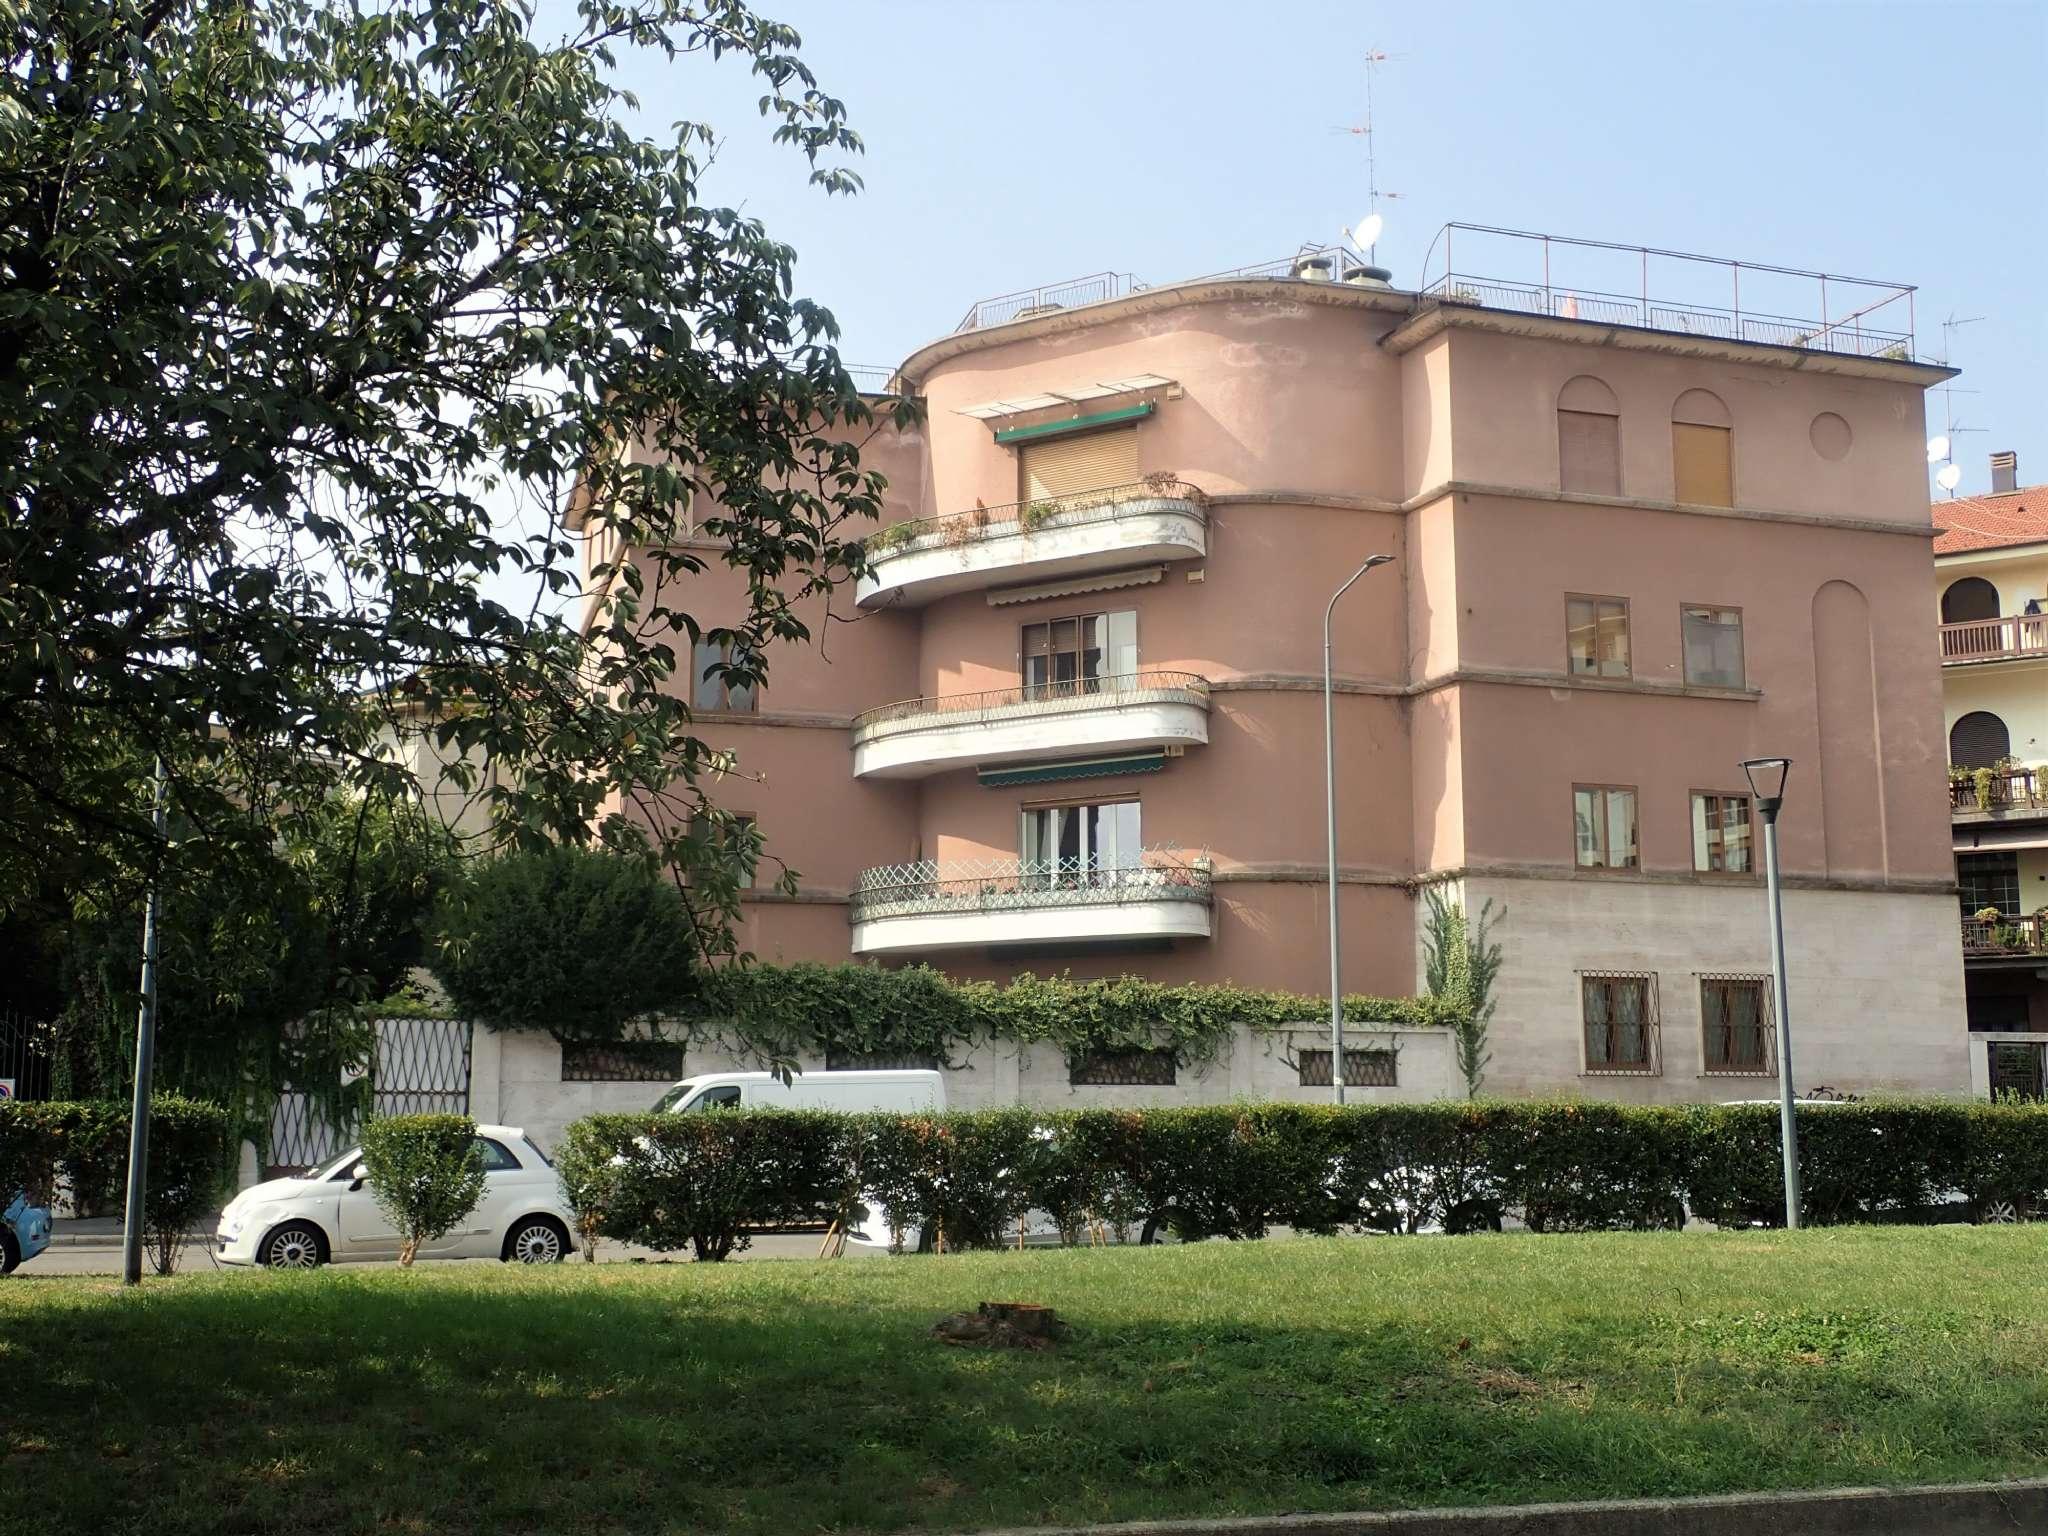 Palazzo in Vendita a Milano 08 Vercelli / Magenta / Cadorna / Washington: 5 locali, 1400 mq